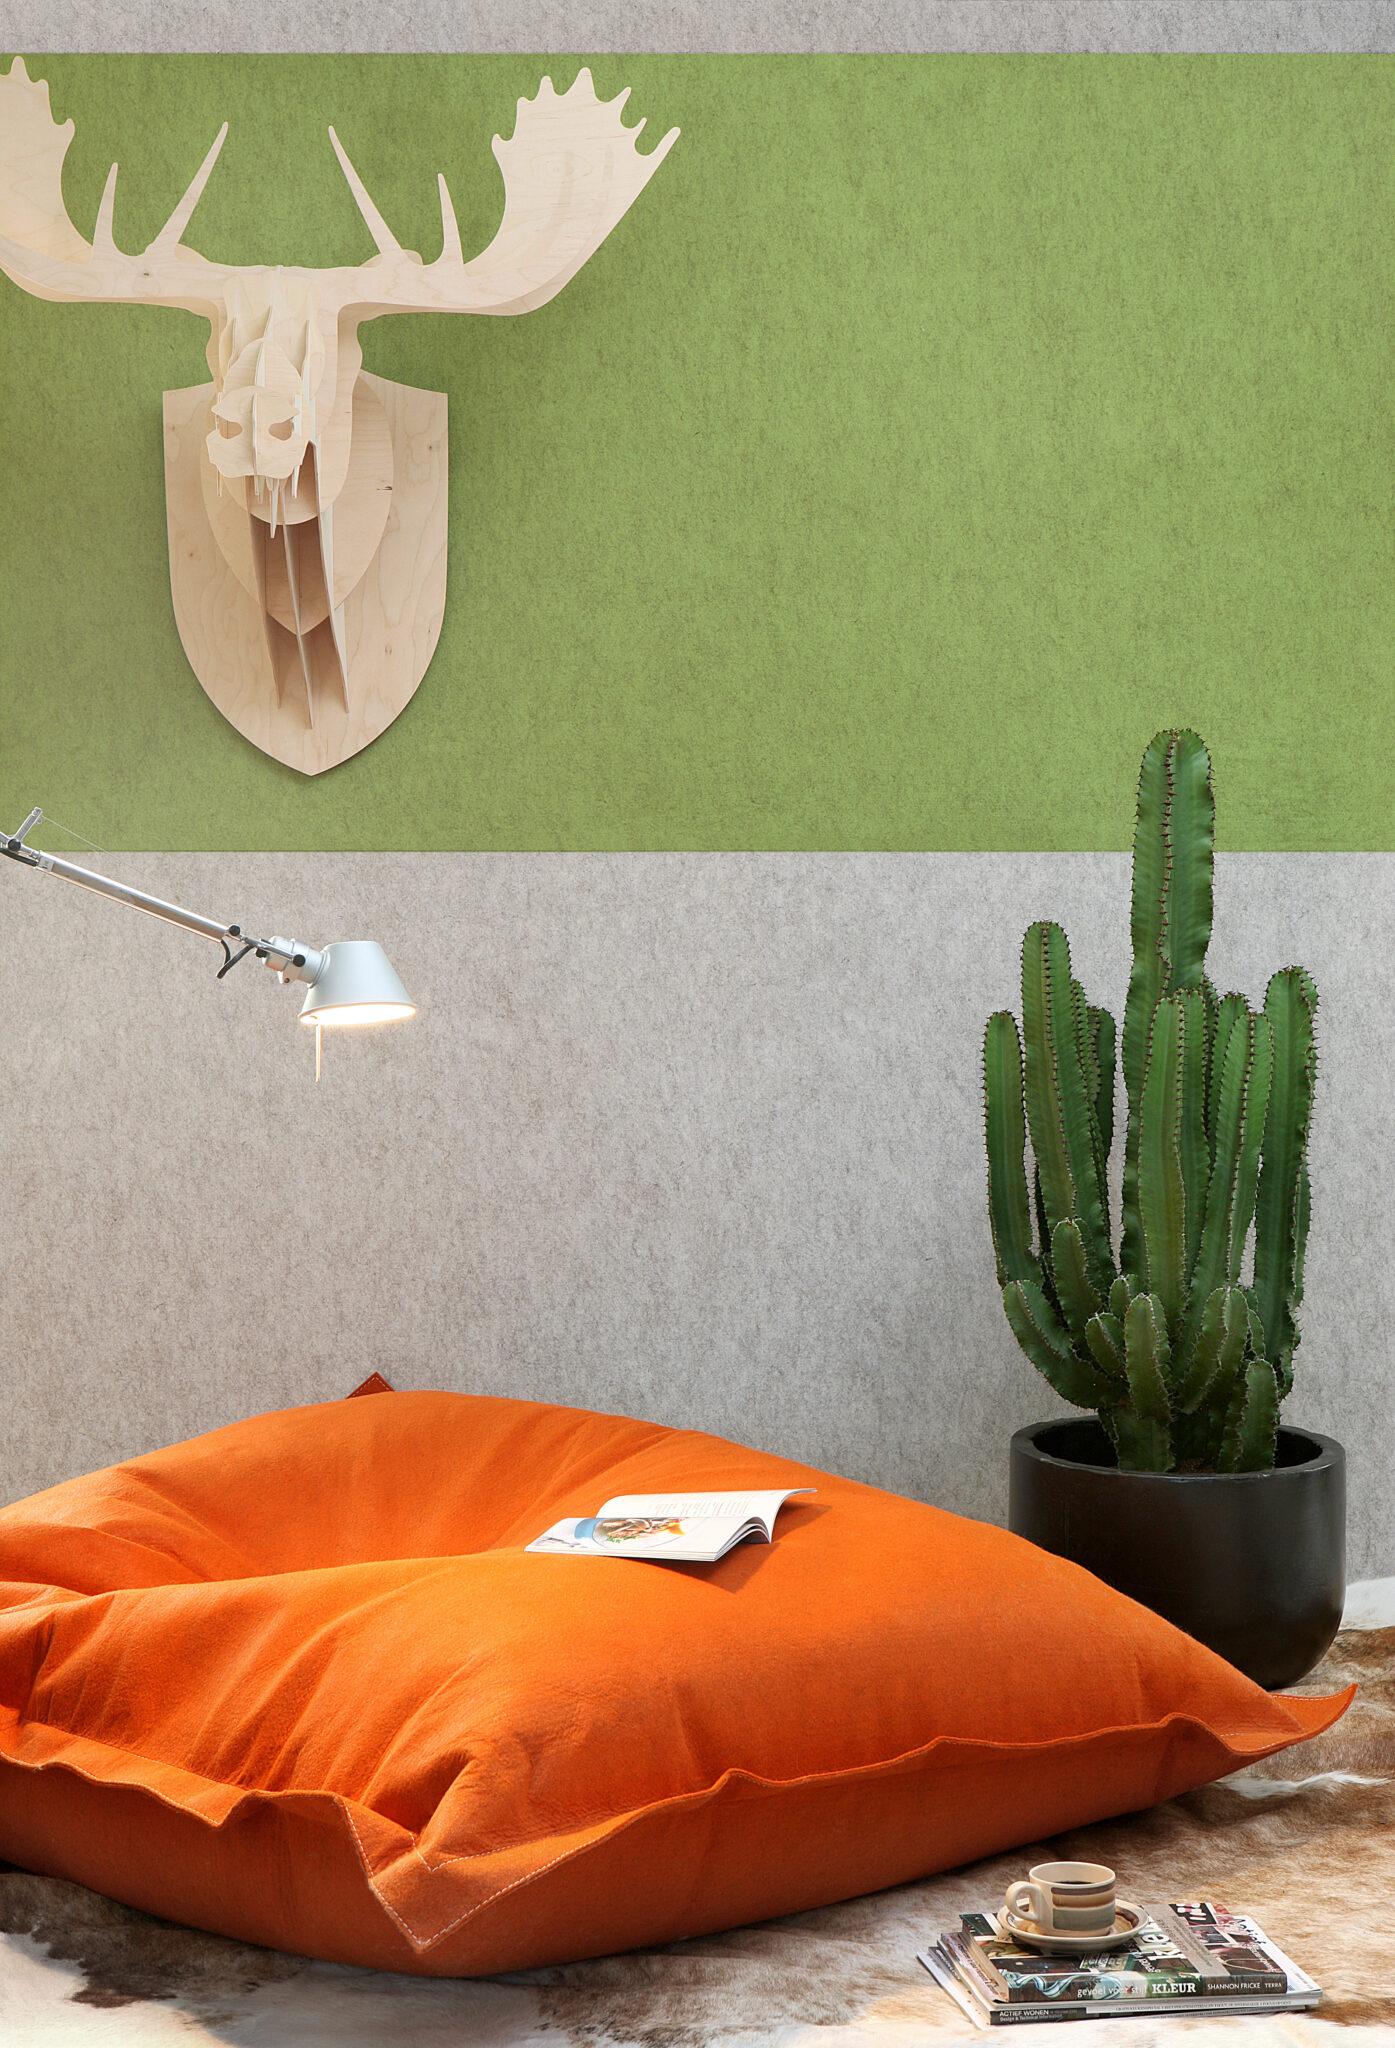 Buzzi Space akoestisch behang - akoestiek Heering Office Den Haag 2